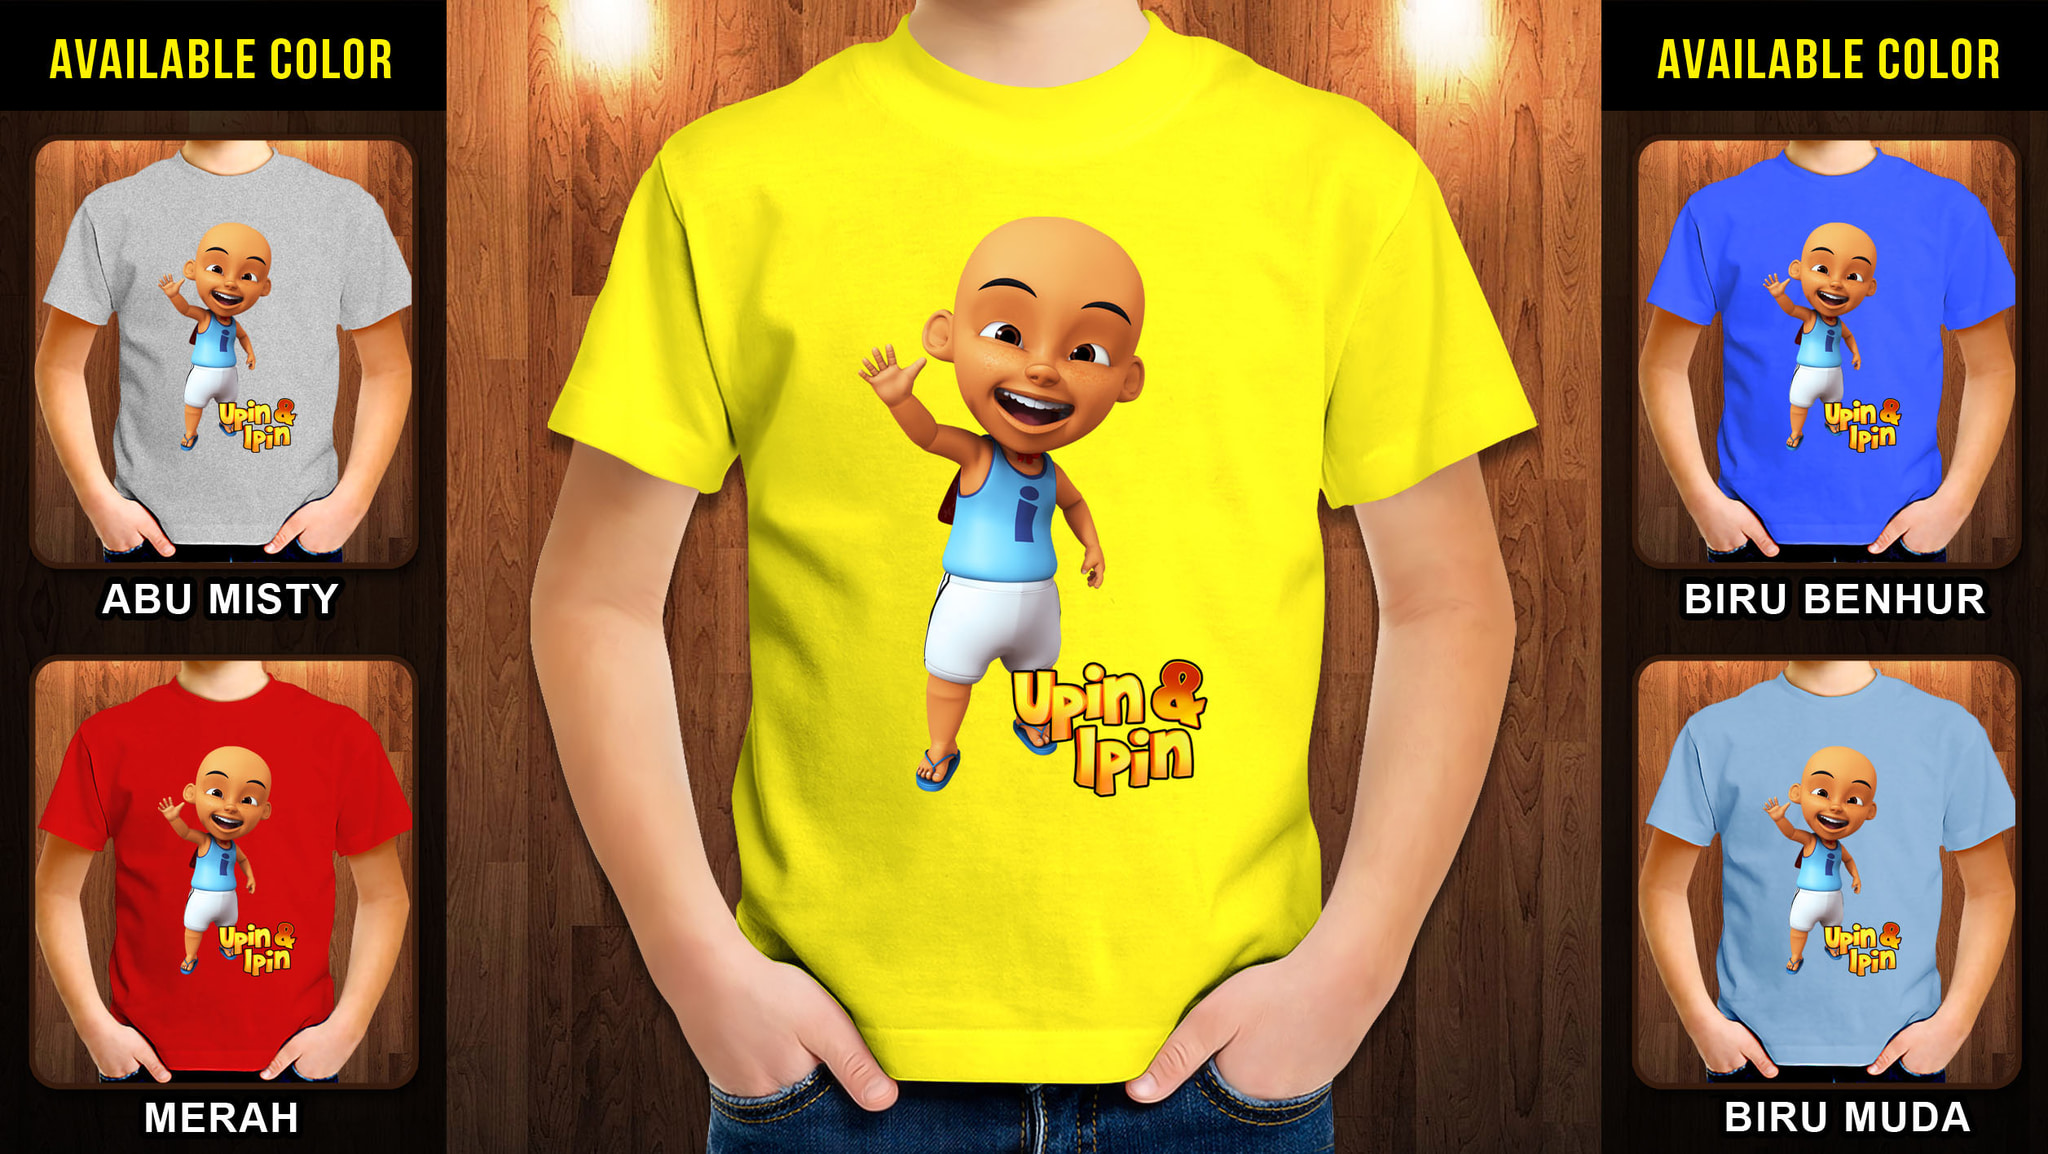 Jual Kaos Anak Upin Ipin 27 Free Name Tag Bigbullstudio Di T Shirt Raglan Ajs128 Tokopedia